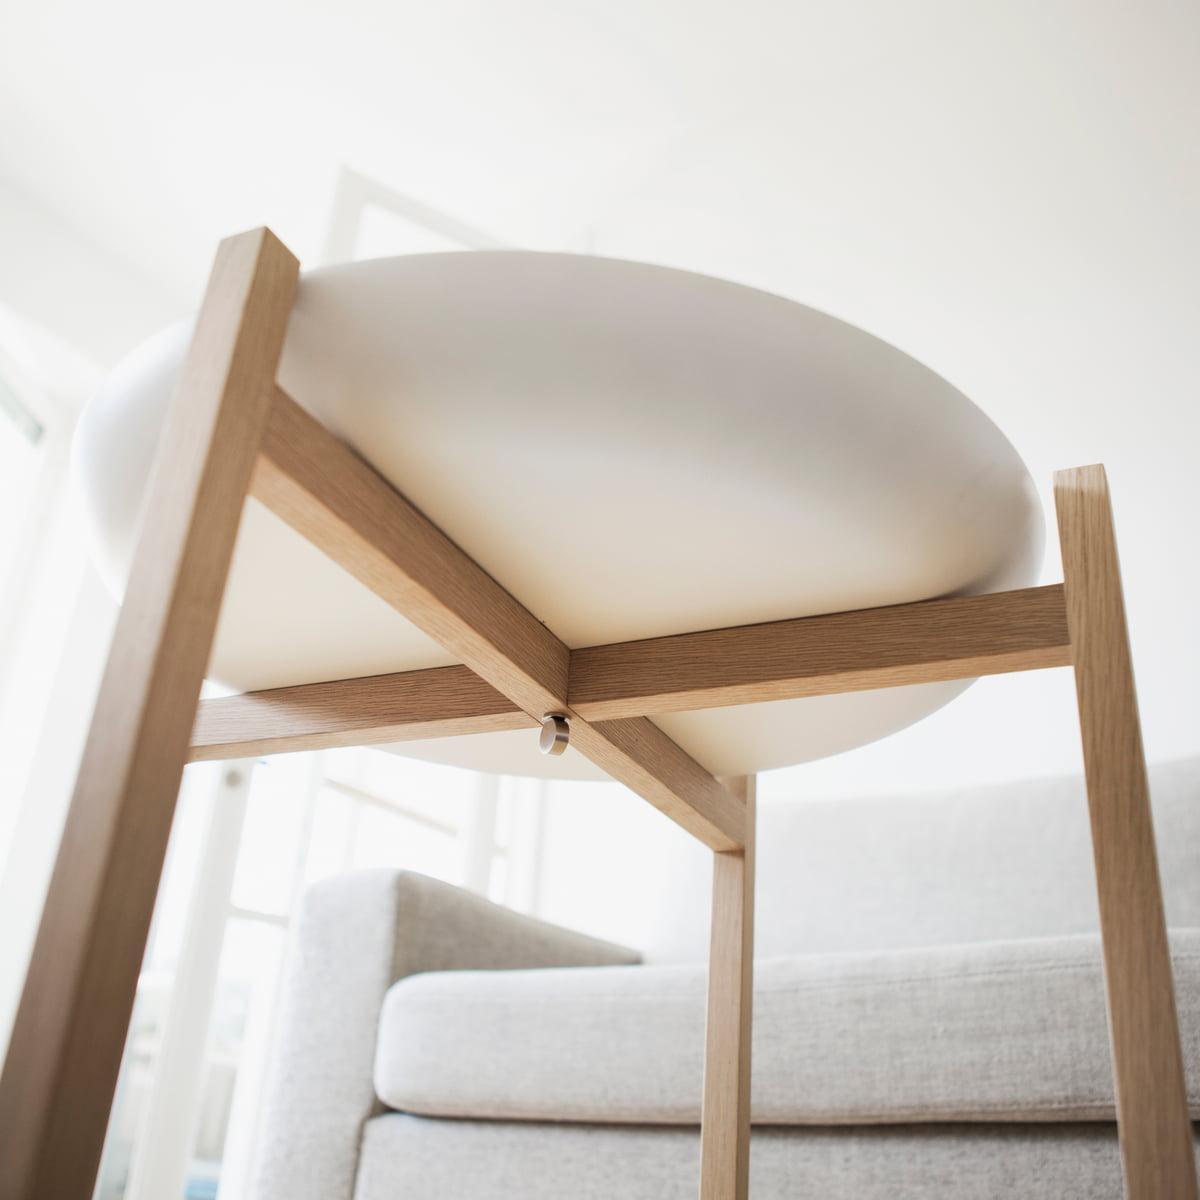 142 Beistelltisch Sofa Design - wooden carved sofa set designs ...